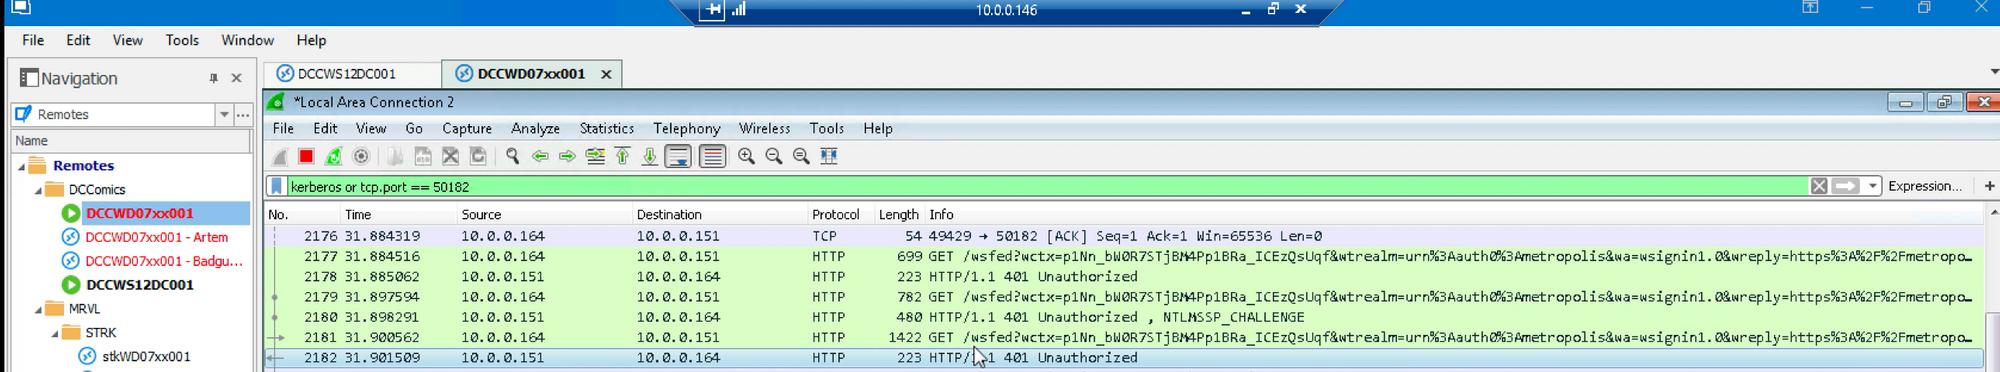 GT attack Wireshark unauthorized error